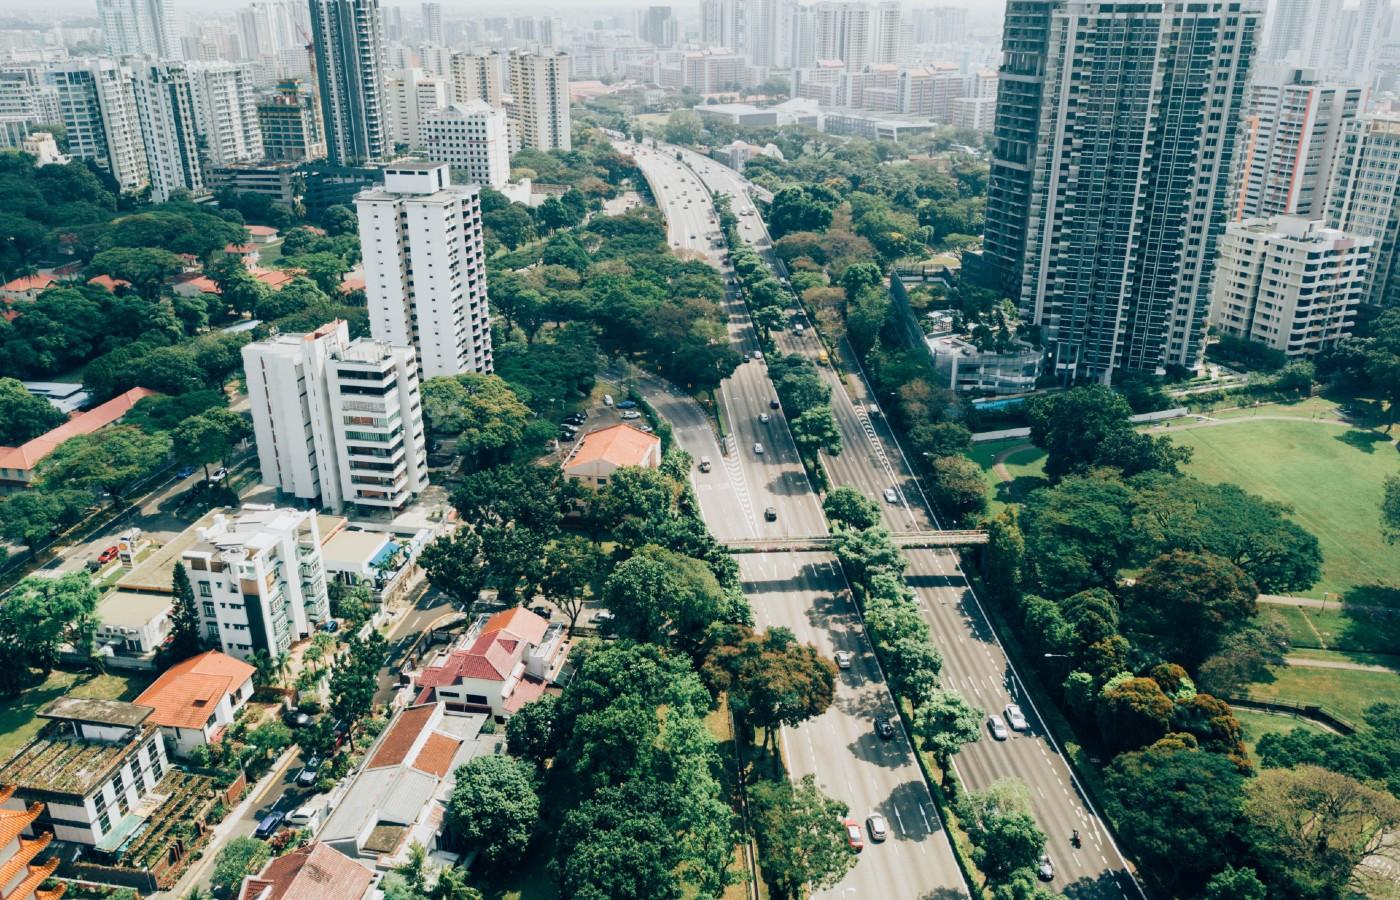 Las ciudades europeas cuentan con un 45% de zonas verdes, frente al 39% de la media mundial, según el índice mediante inteligencia artificial (IA) de Husqvarna, HUGSI